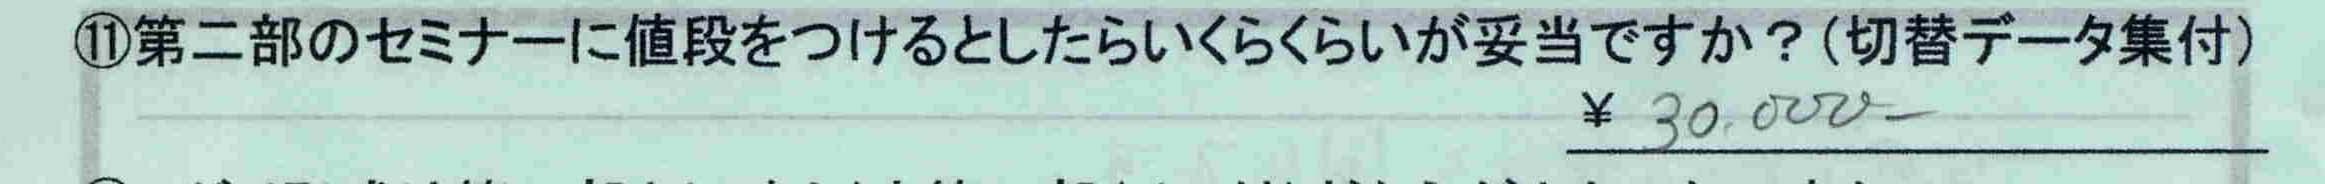 【大阪府大阪市】【K.Tさん】【二部価格】